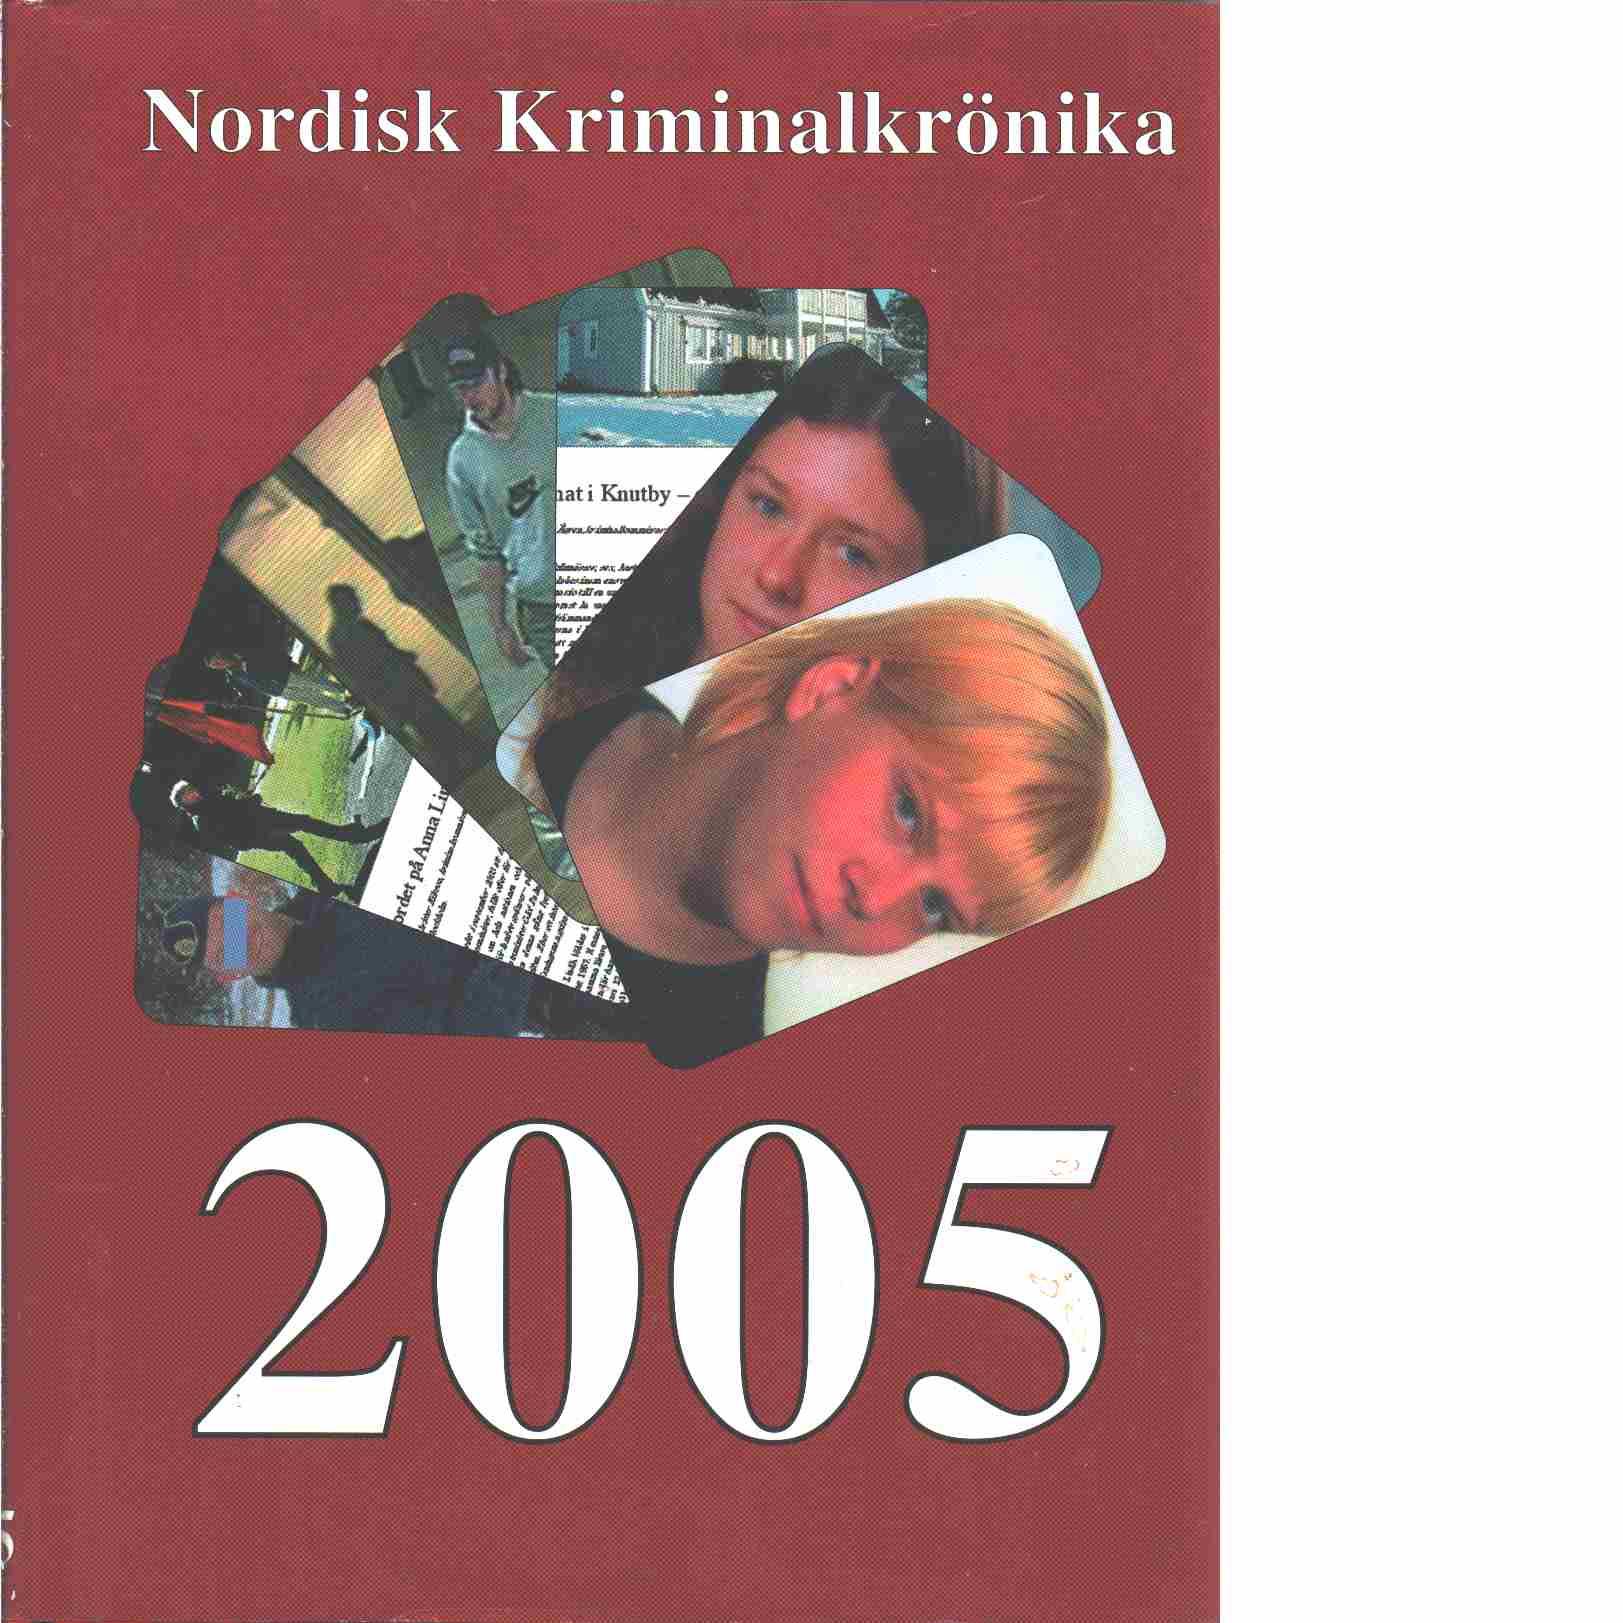 Nordisk kriminalkrönika 2005 - Red. Nordiska polisidrottsförbundet